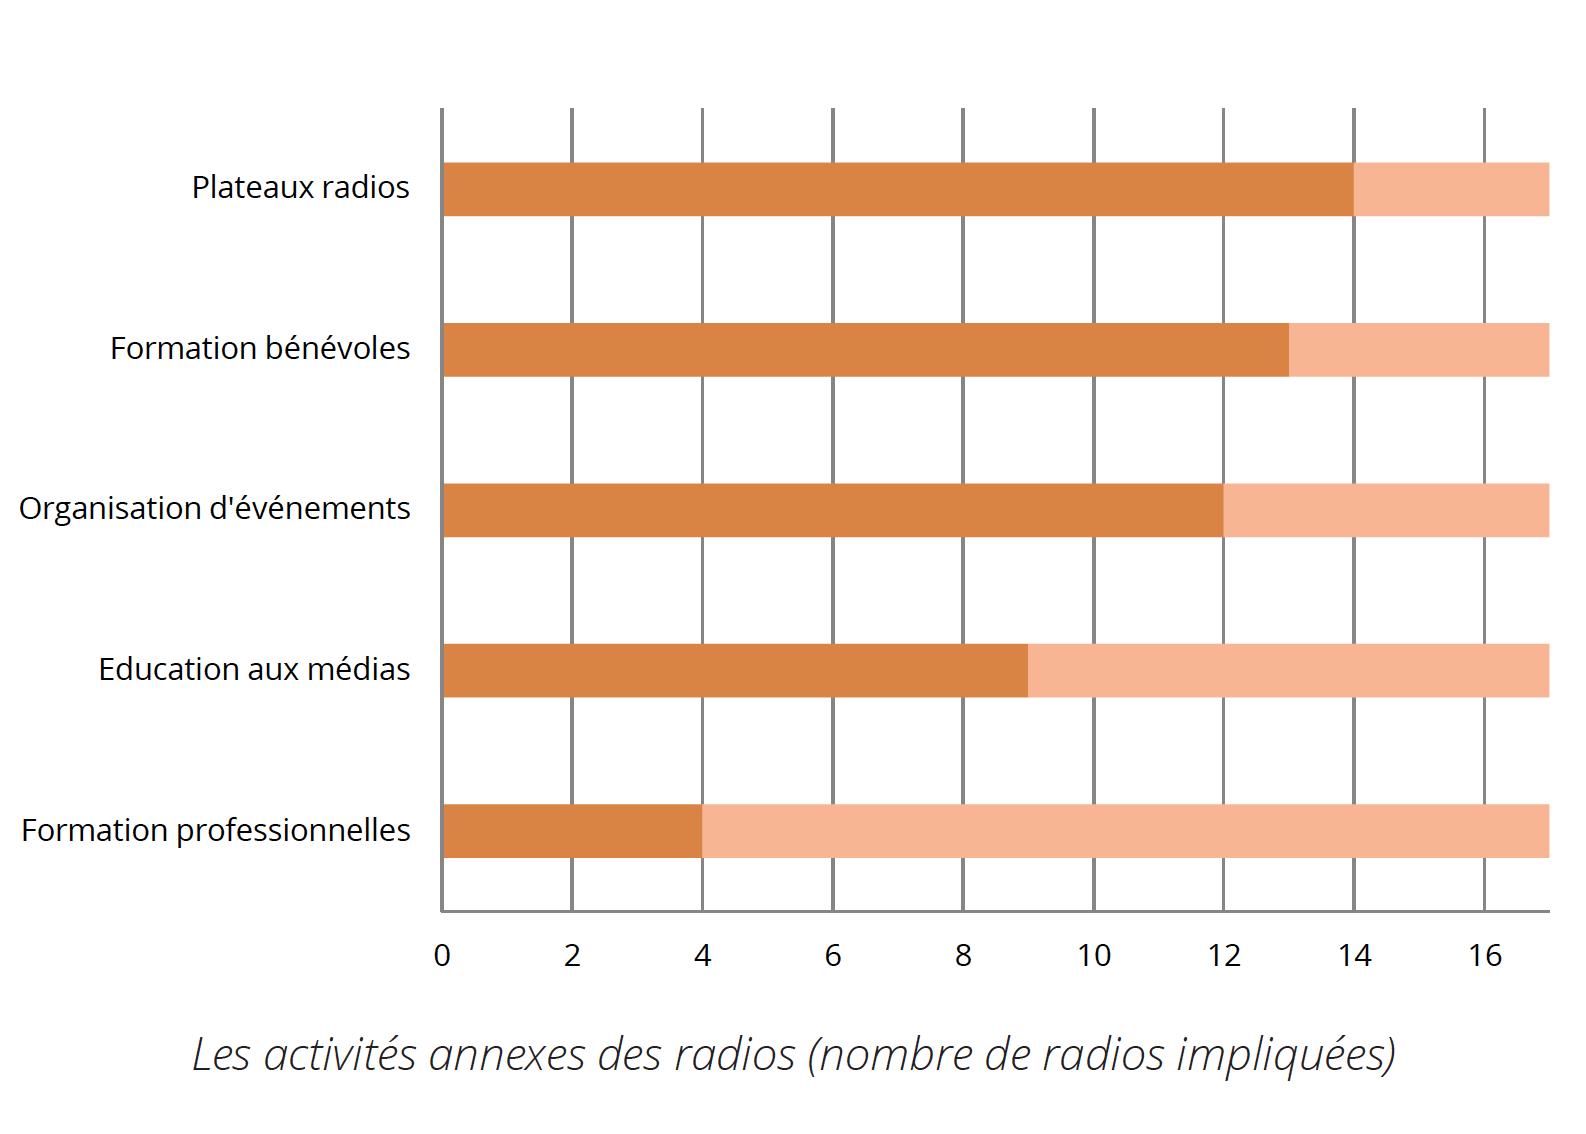 La majorité de ces activités sont liées à l'événementiel : qu'il s'agisse pour les radios d'animer des plateaux radios lors d'événements locaux (14 radios), ou bien d'organiser leurs propres événements (concerts, conférences, etc.) pour 12 d'entre elles